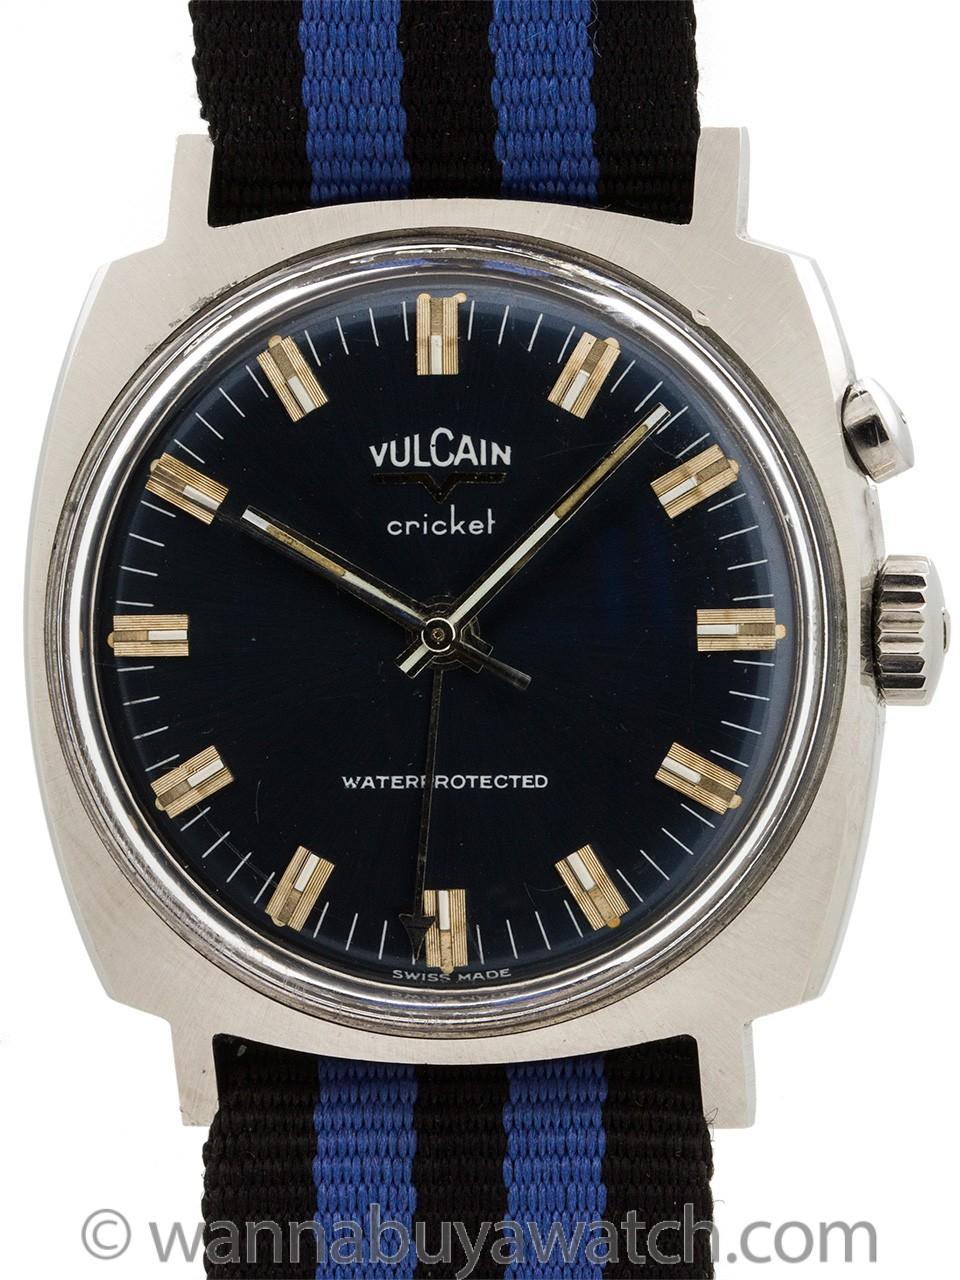 Vulcain SS Cricket Alarm circa 1970's